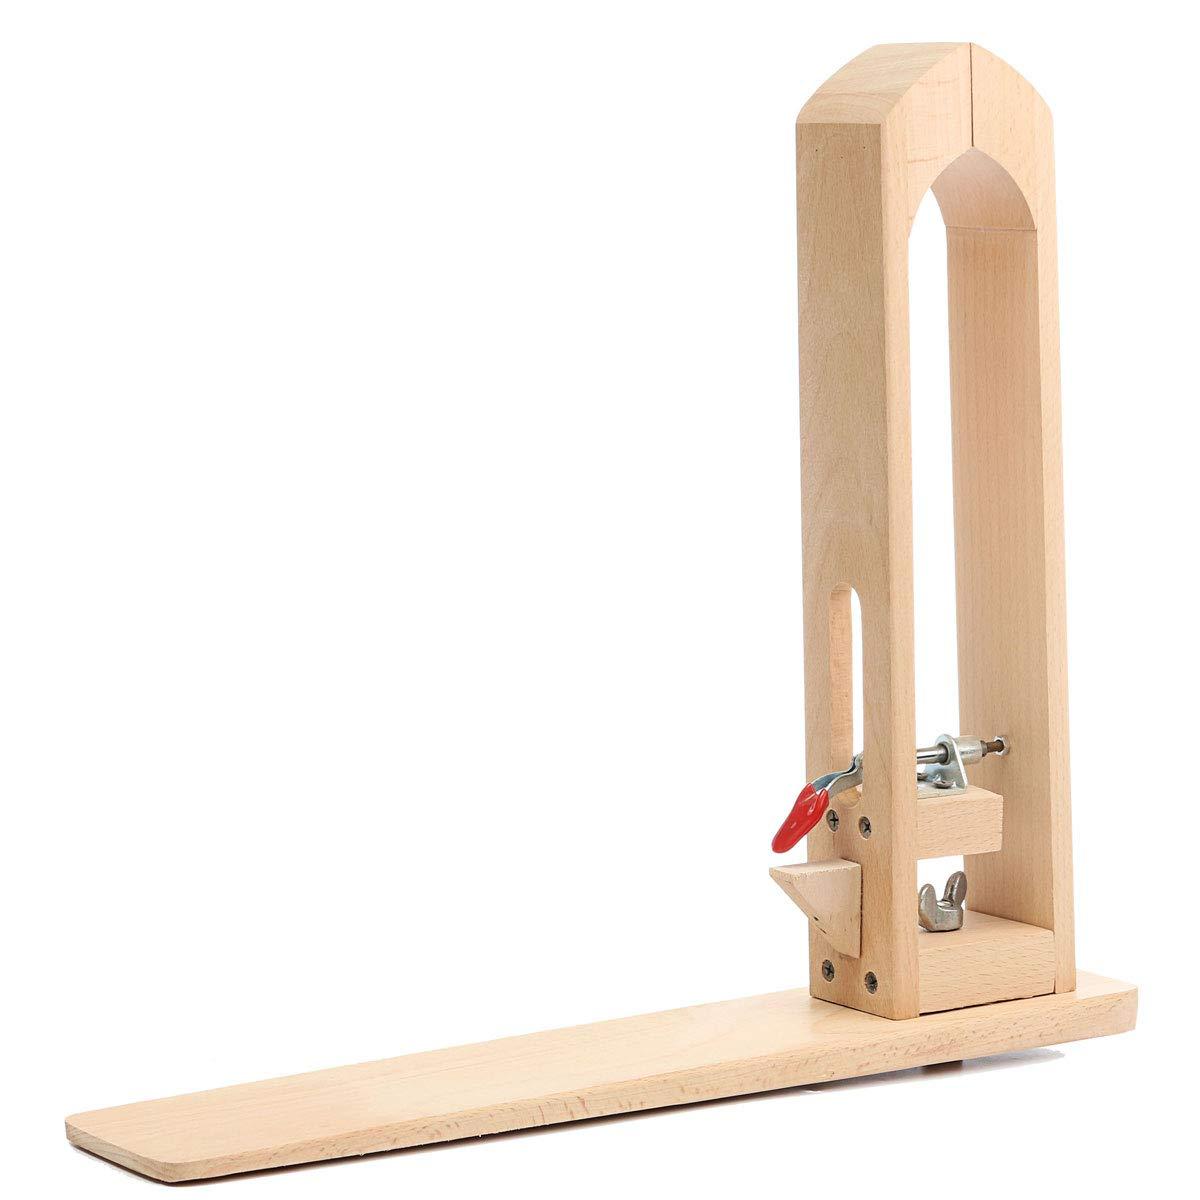 ordina adesso ChaRLes Cuoio Craft Cucire Clip Di Legno Cucitura Mano Cucito Cucito Cucito DIY Strumento Essenziale  salutare